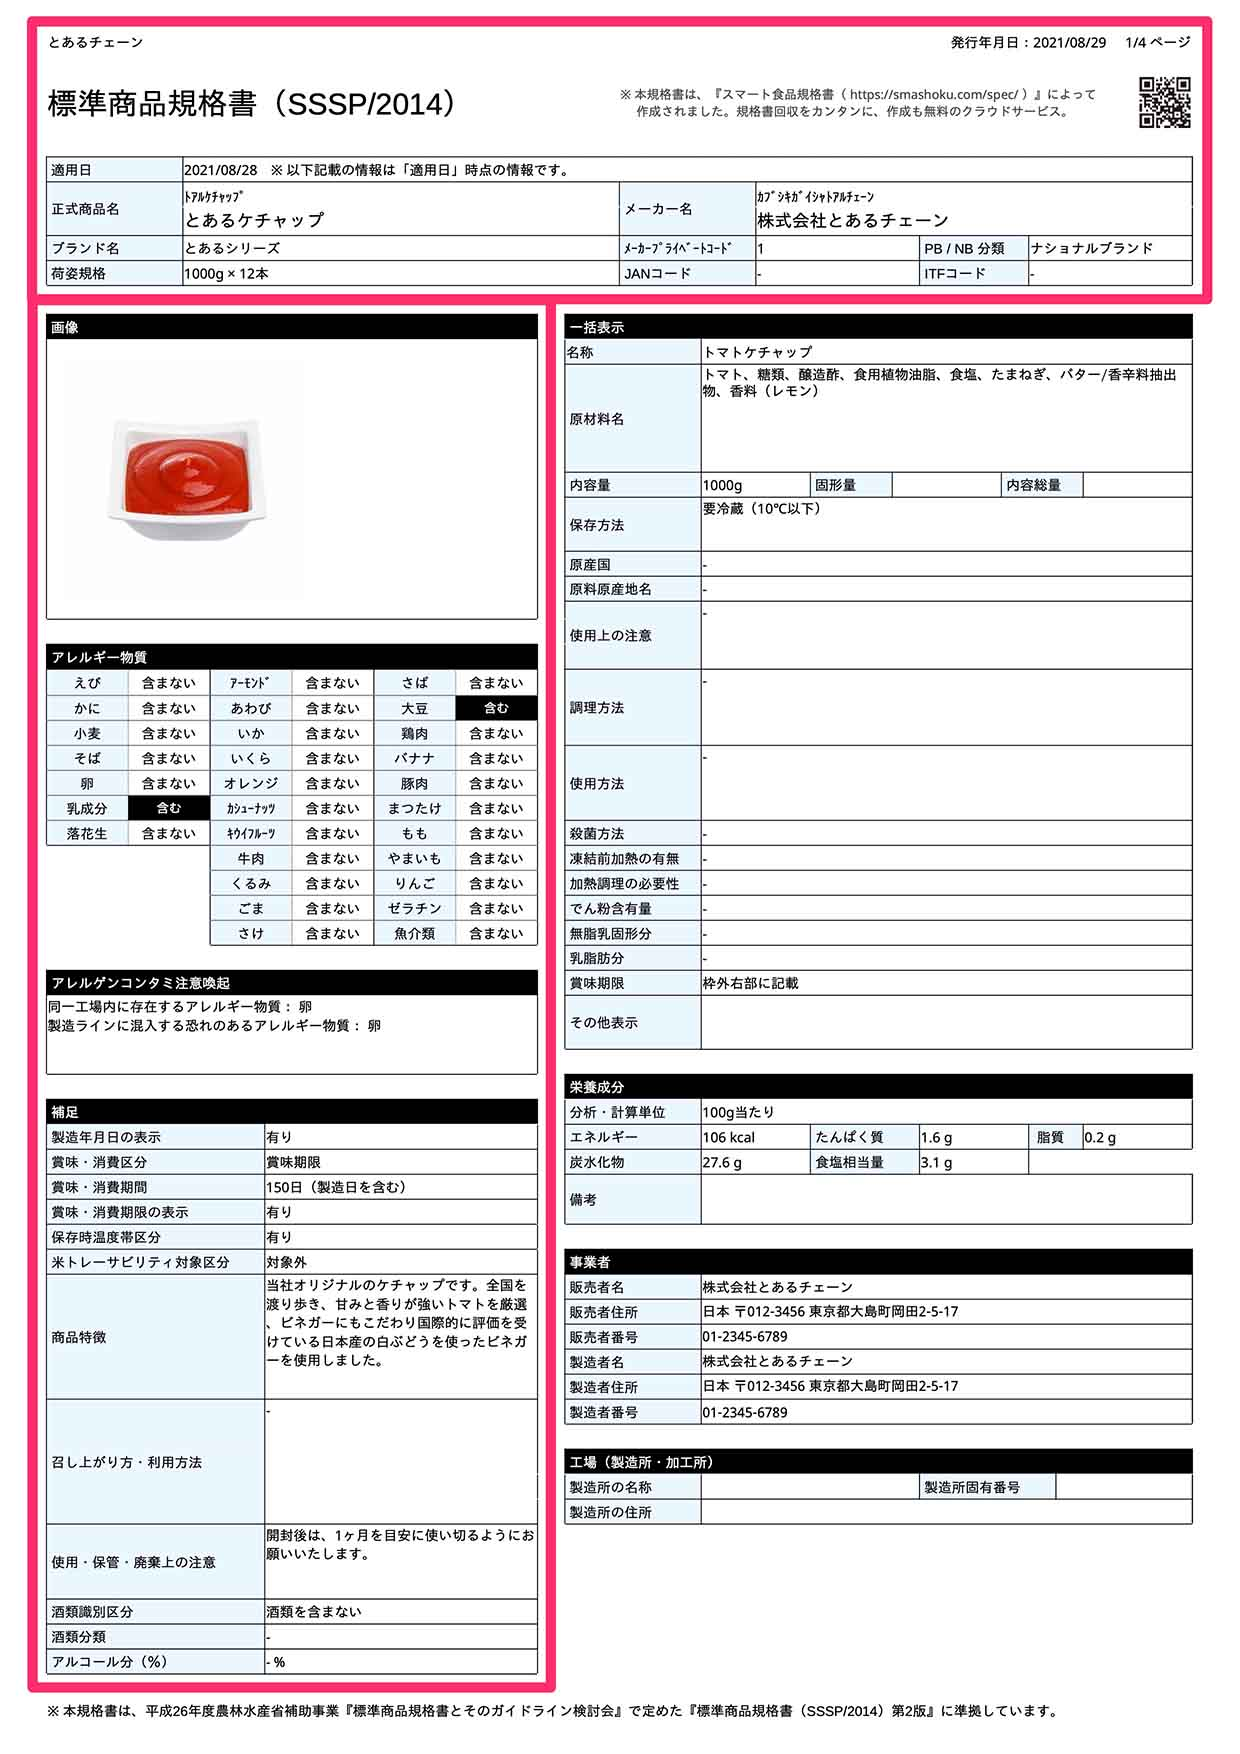 サンプル食品規格書_基本情報